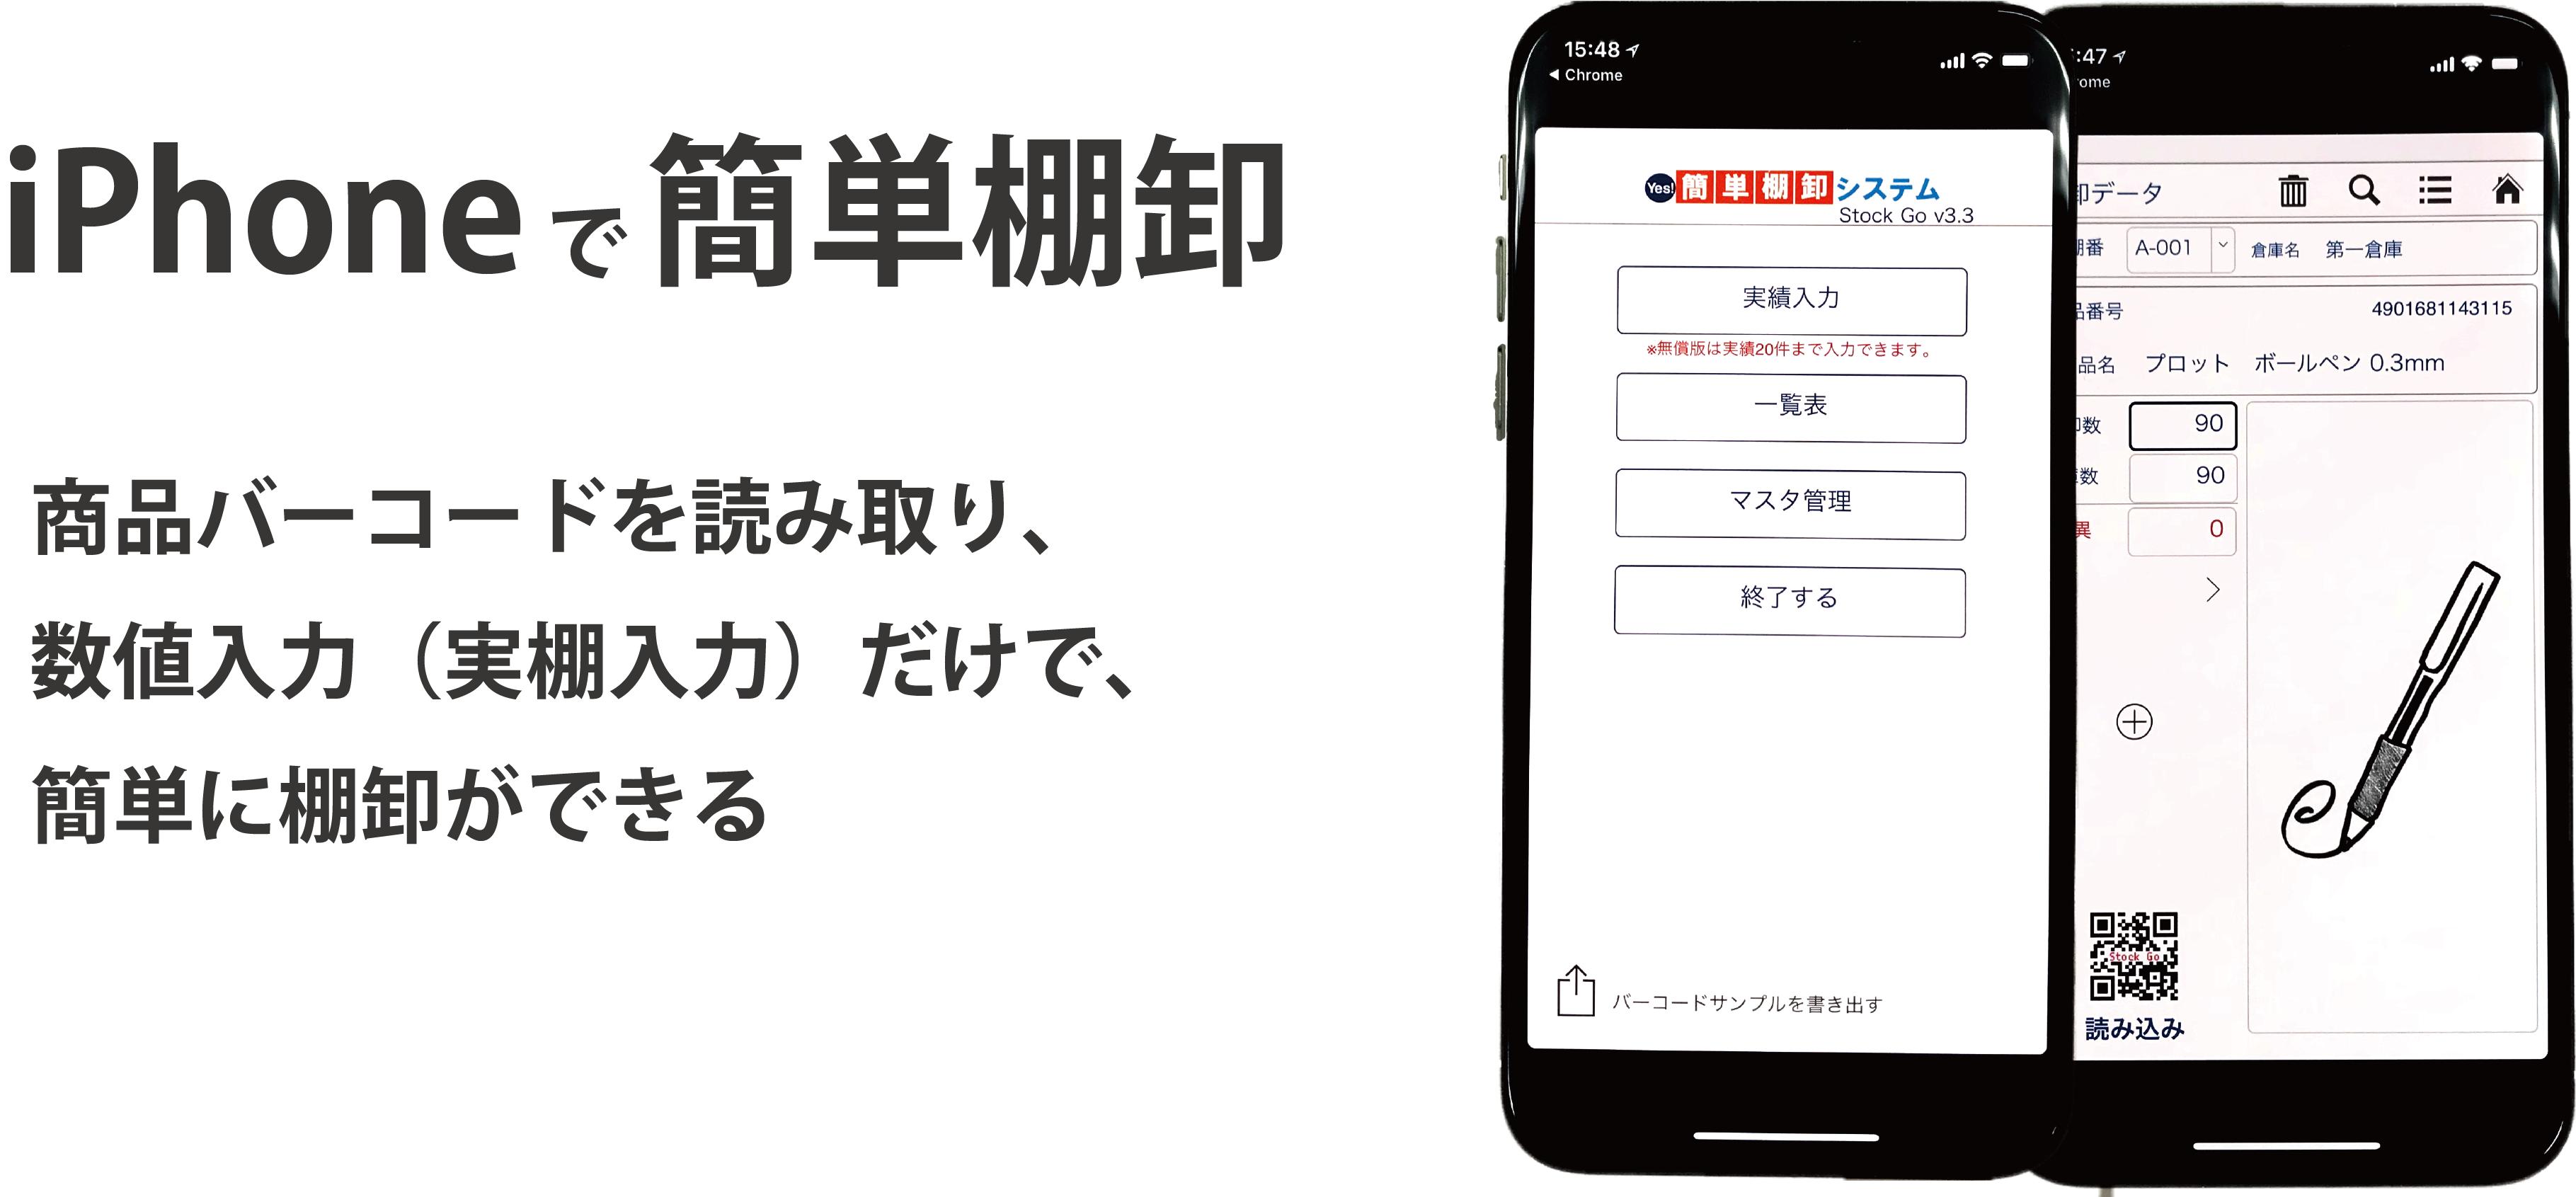 iphoneで使えるシンプルなグループウェア